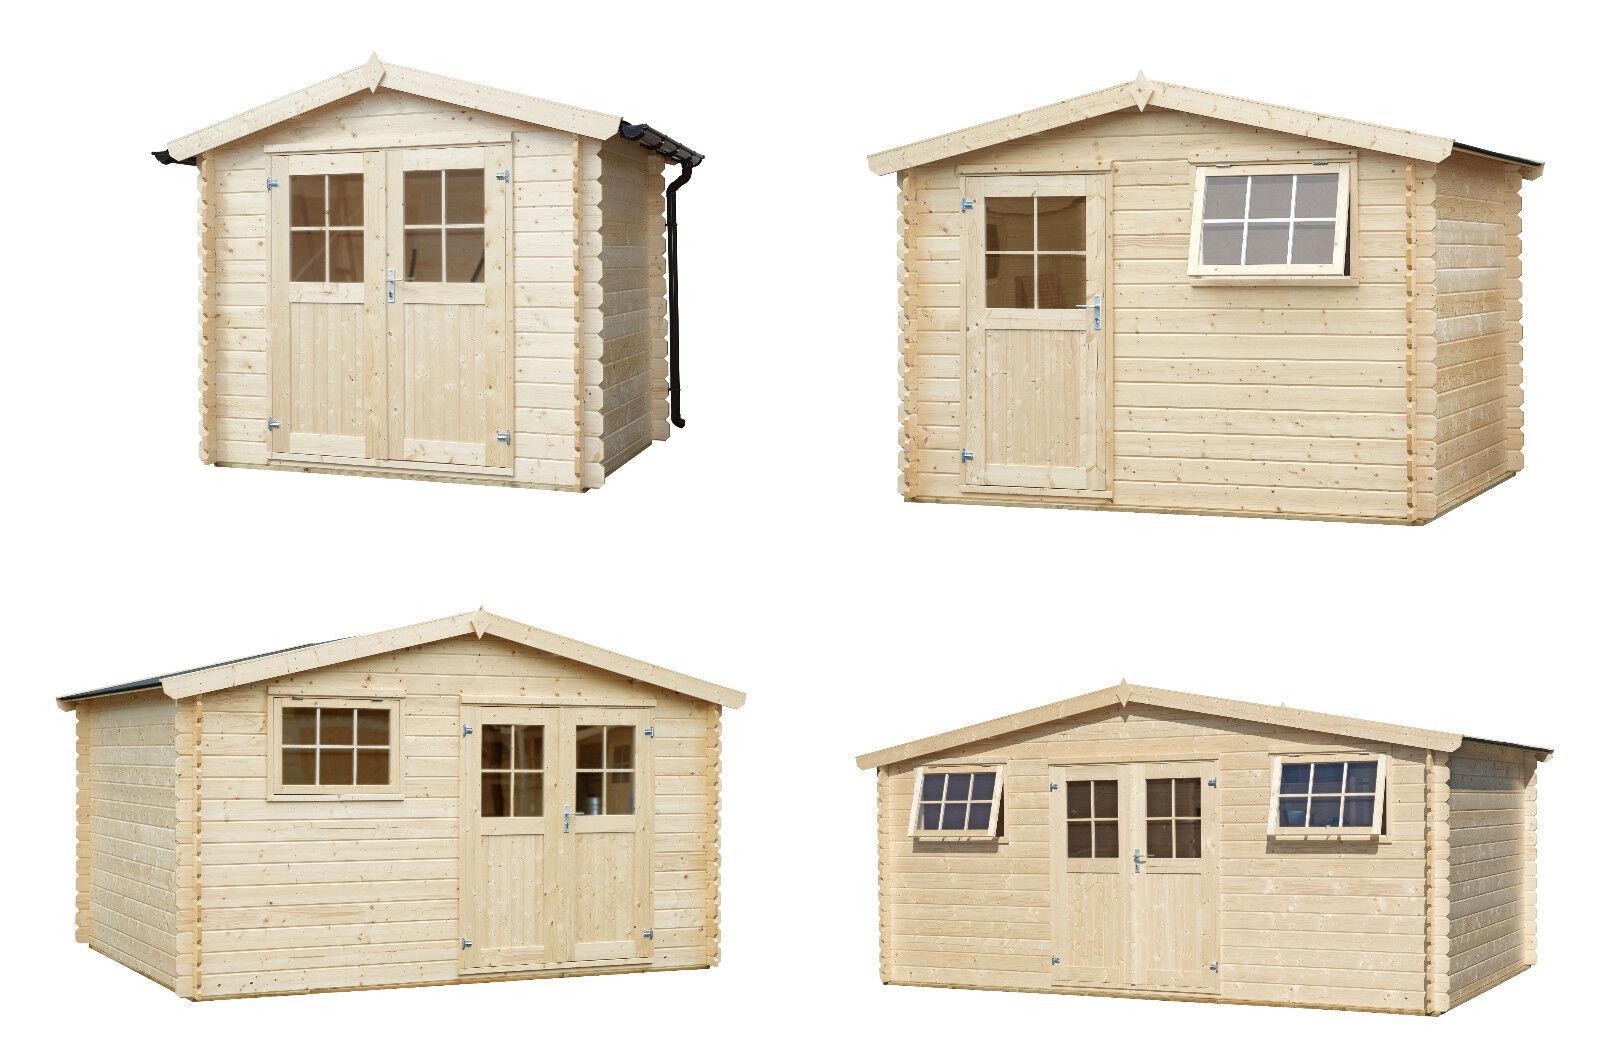 34 mm gartenhaus holzhaus holz ger tehaus schuppen blockhaus topangebot neu ebay. Black Bedroom Furniture Sets. Home Design Ideas